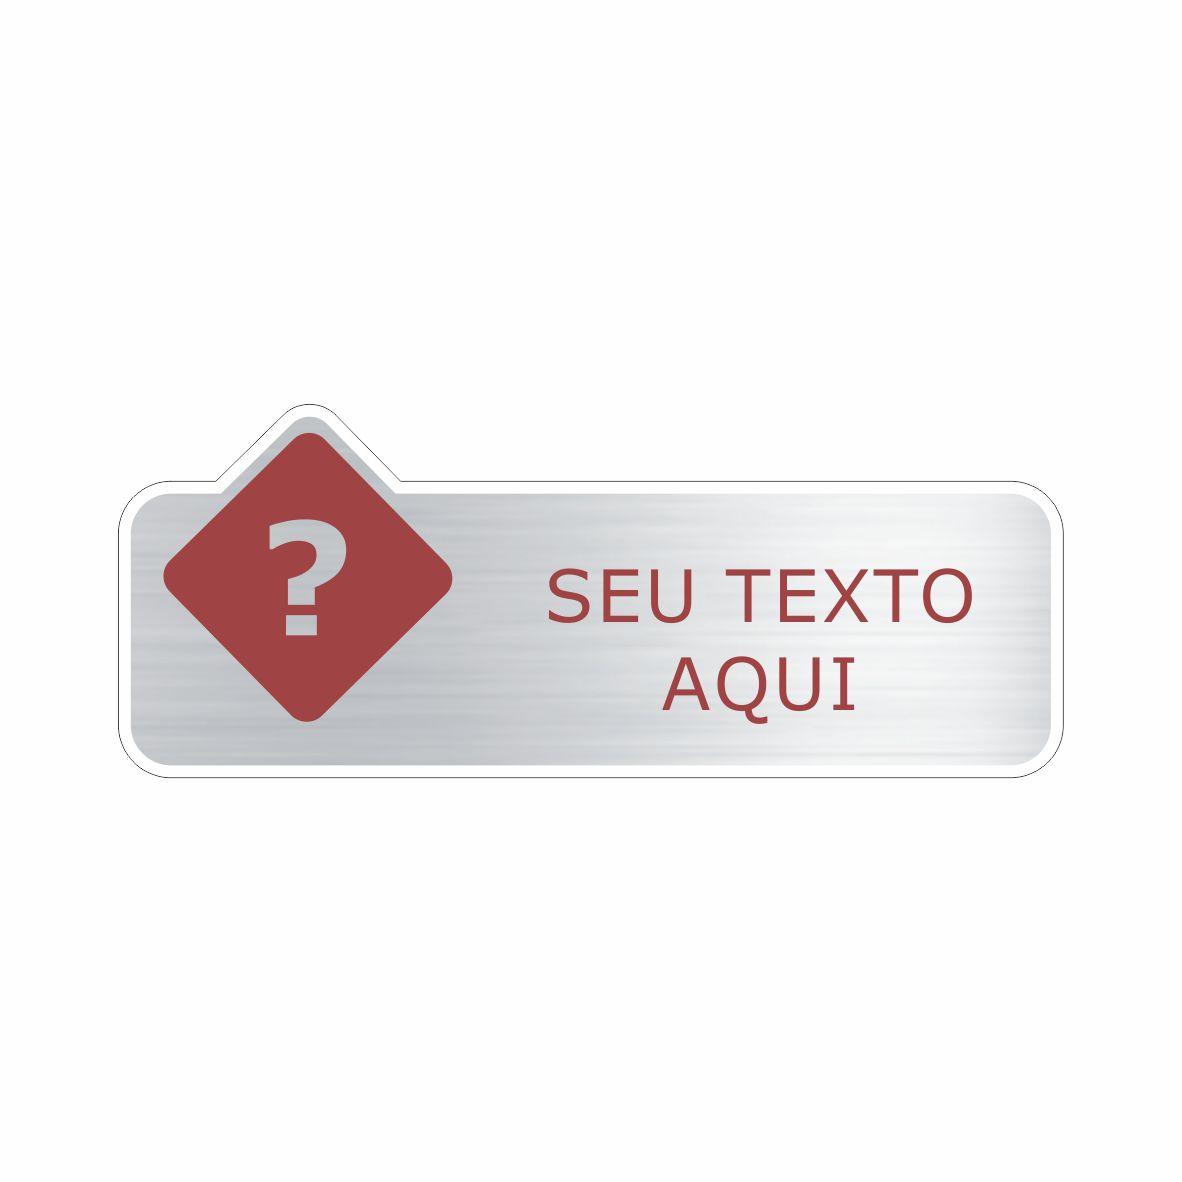 1. Personalize sua placa  - Towbar Sinalização de Segurança